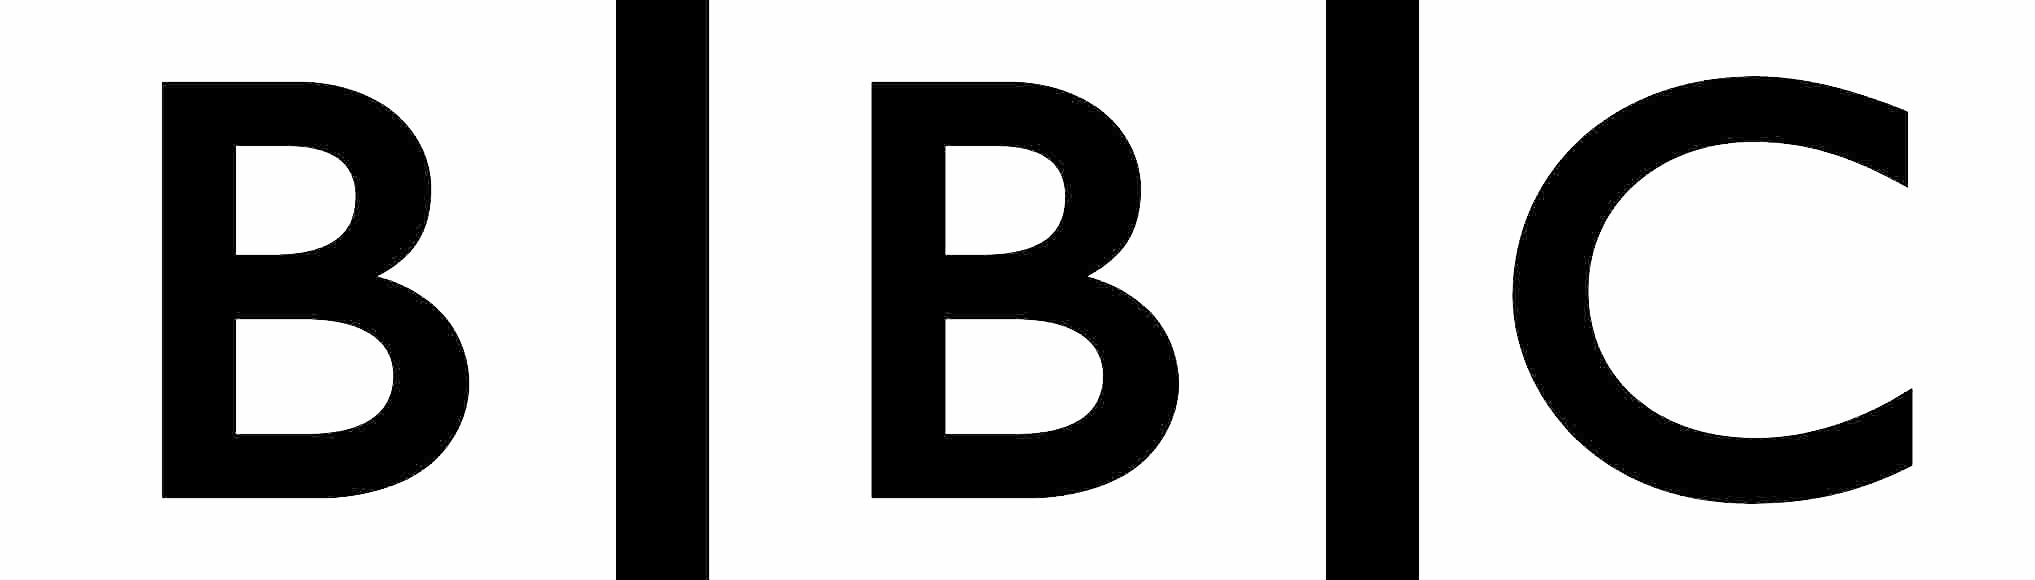 BBC logo Edited.jpg